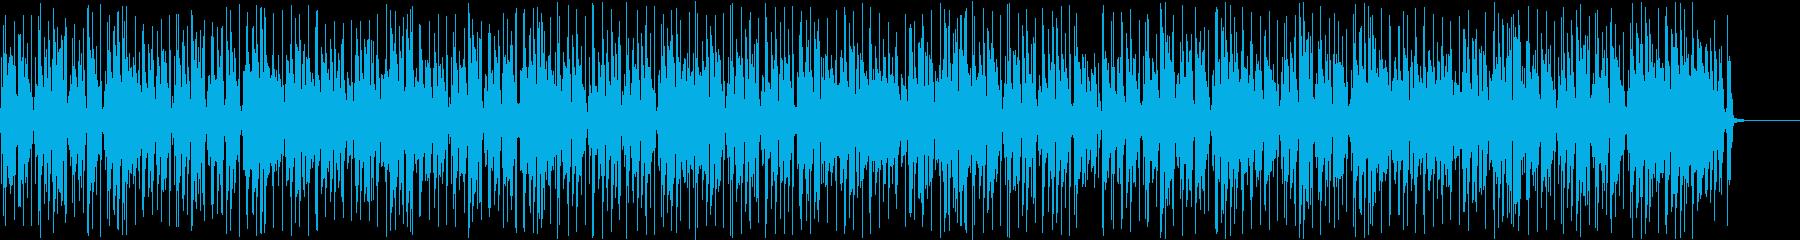 疾走感のある暗く渋いジプシージャズの再生済みの波形